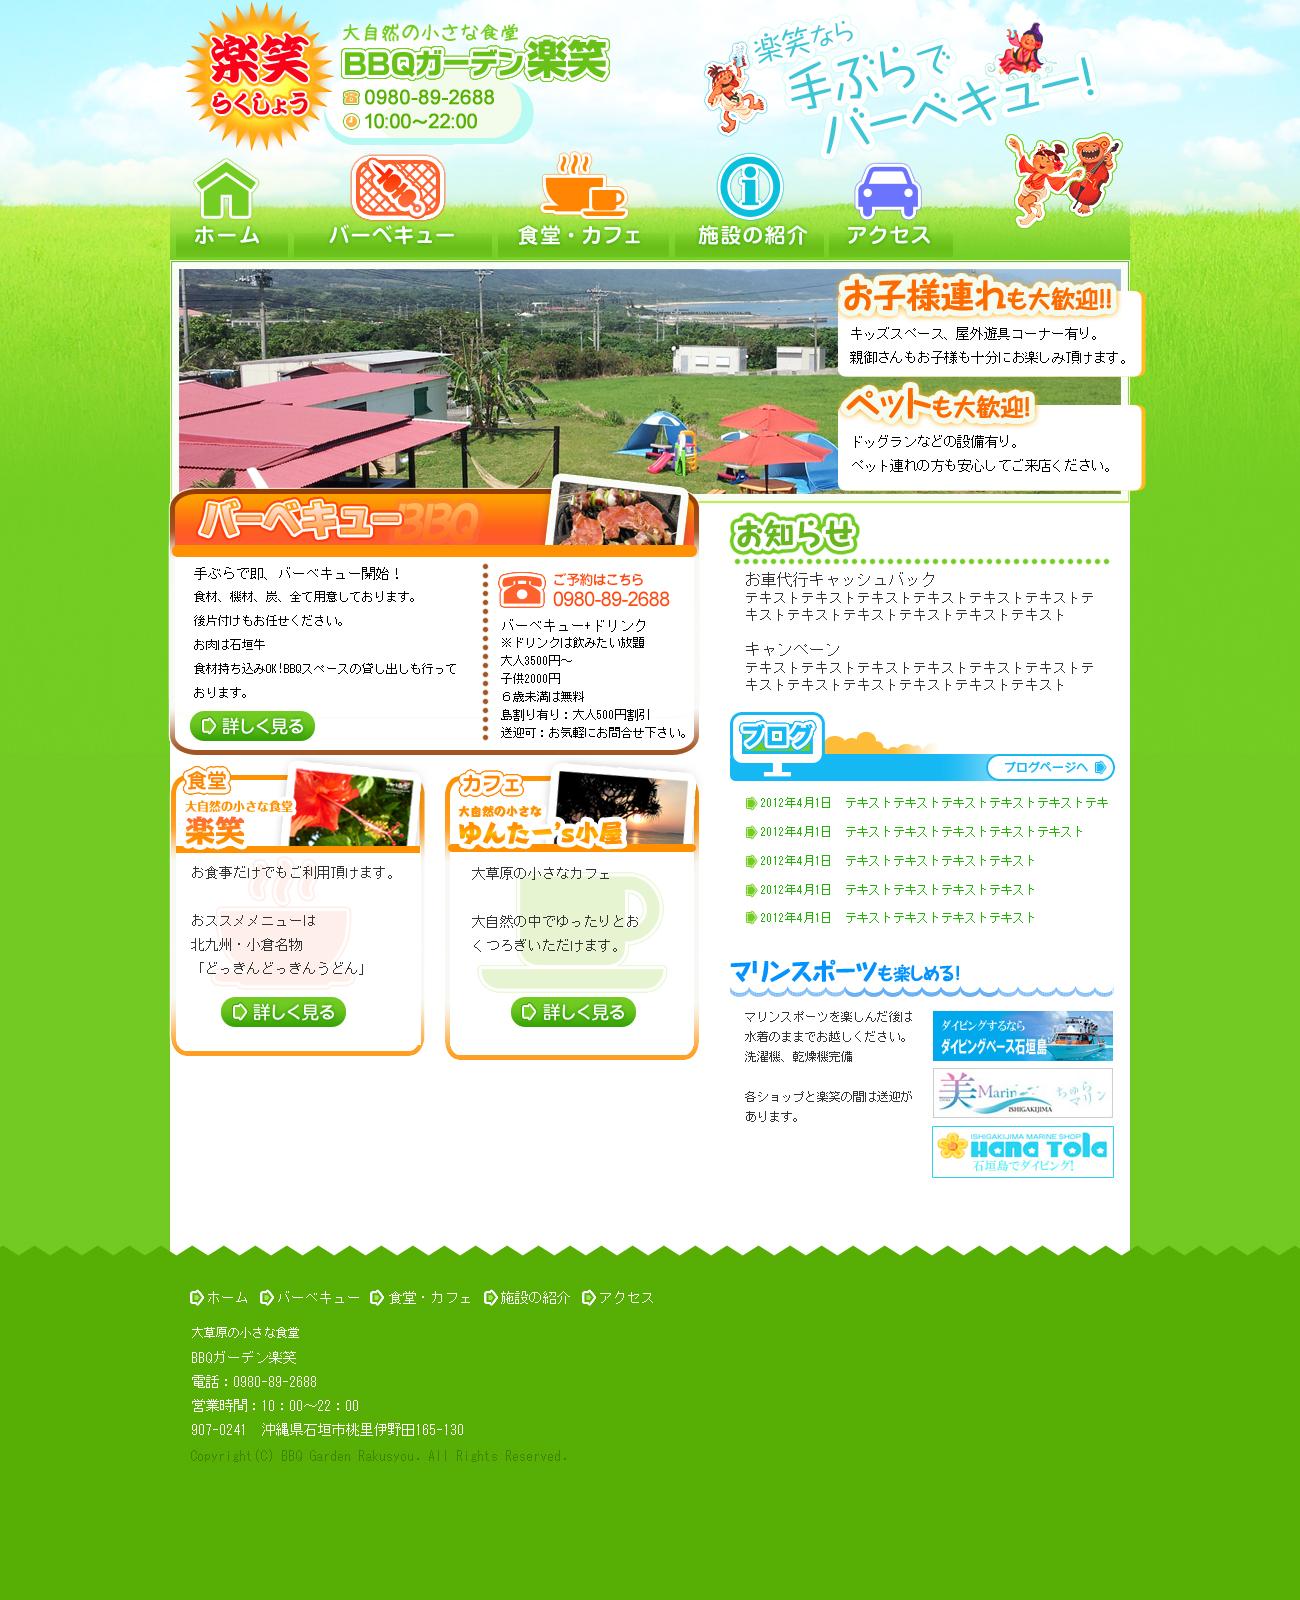 バーベキューレストランウェブサイト